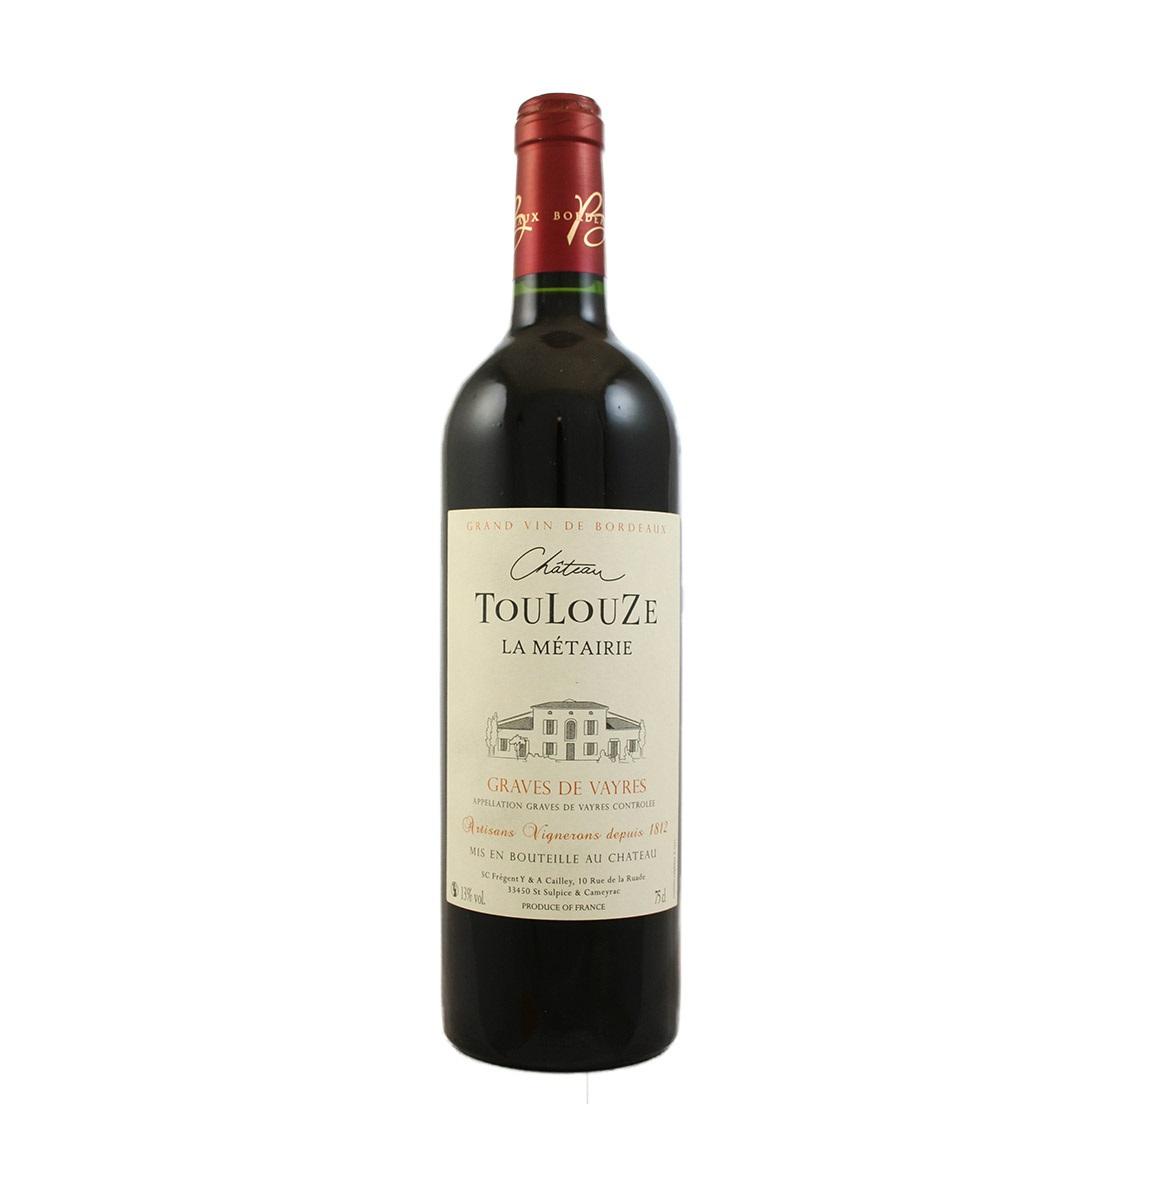 Toulouze Metairie Graves de Vayre Cab Franc Bordeaux